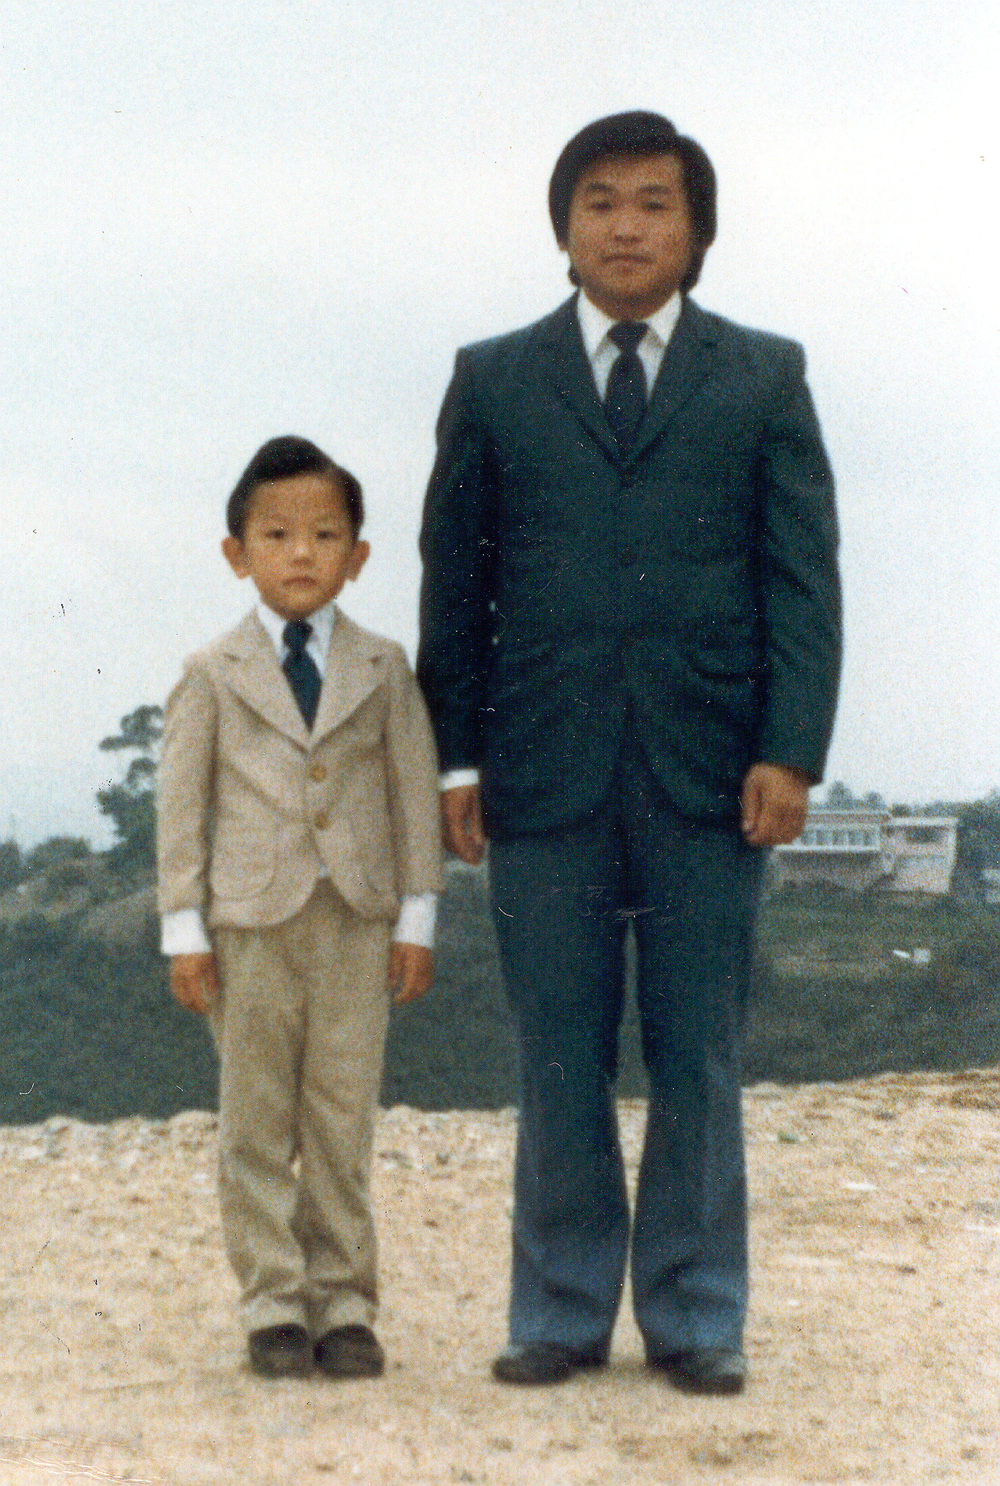 20010122-dad_and_vang_in_suit_at_san_diego.jpg